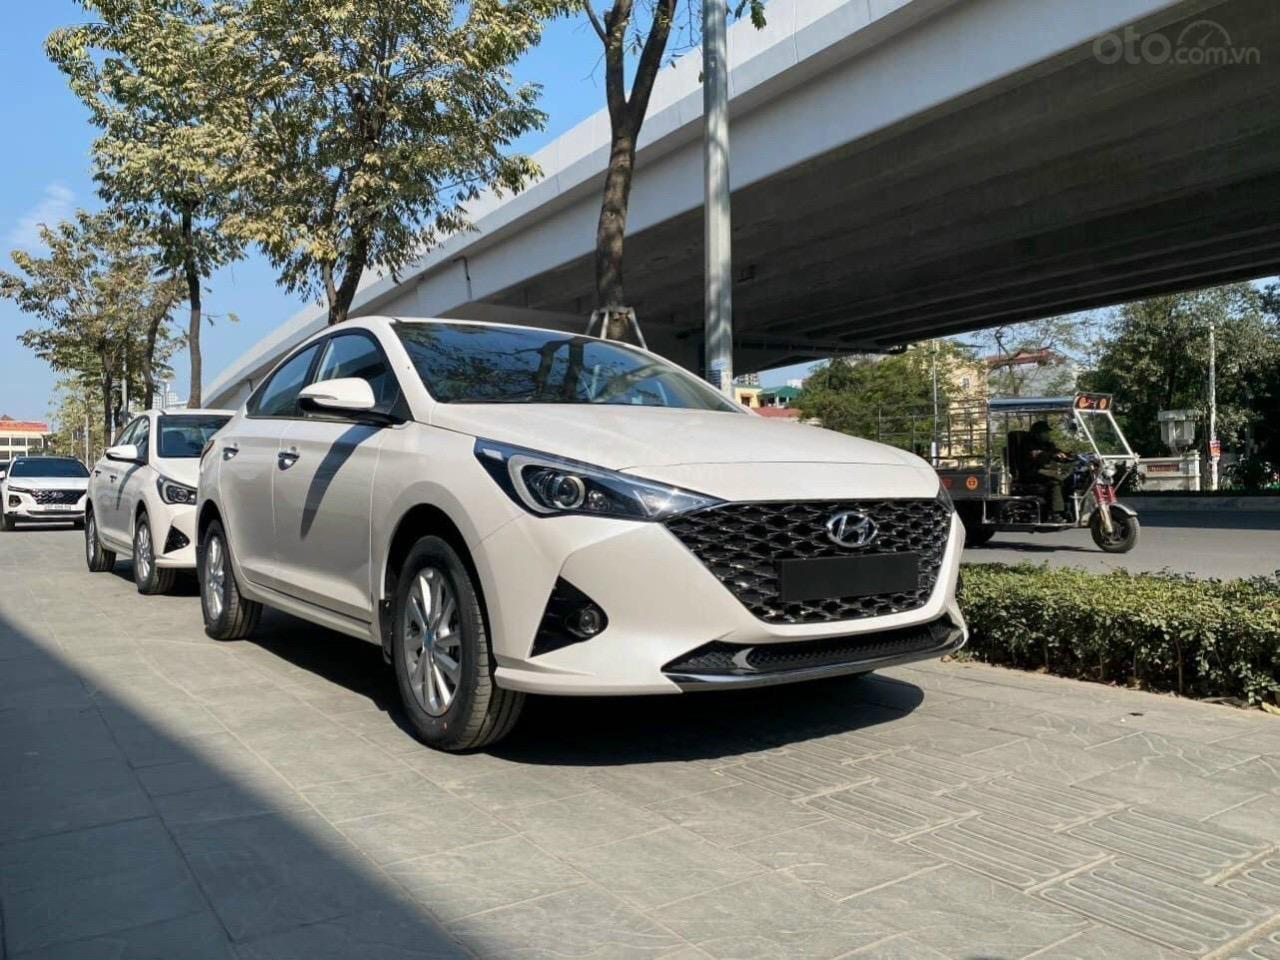 Hyundai Accent nhận xe ngay chỉ với 150tr đồng (1)